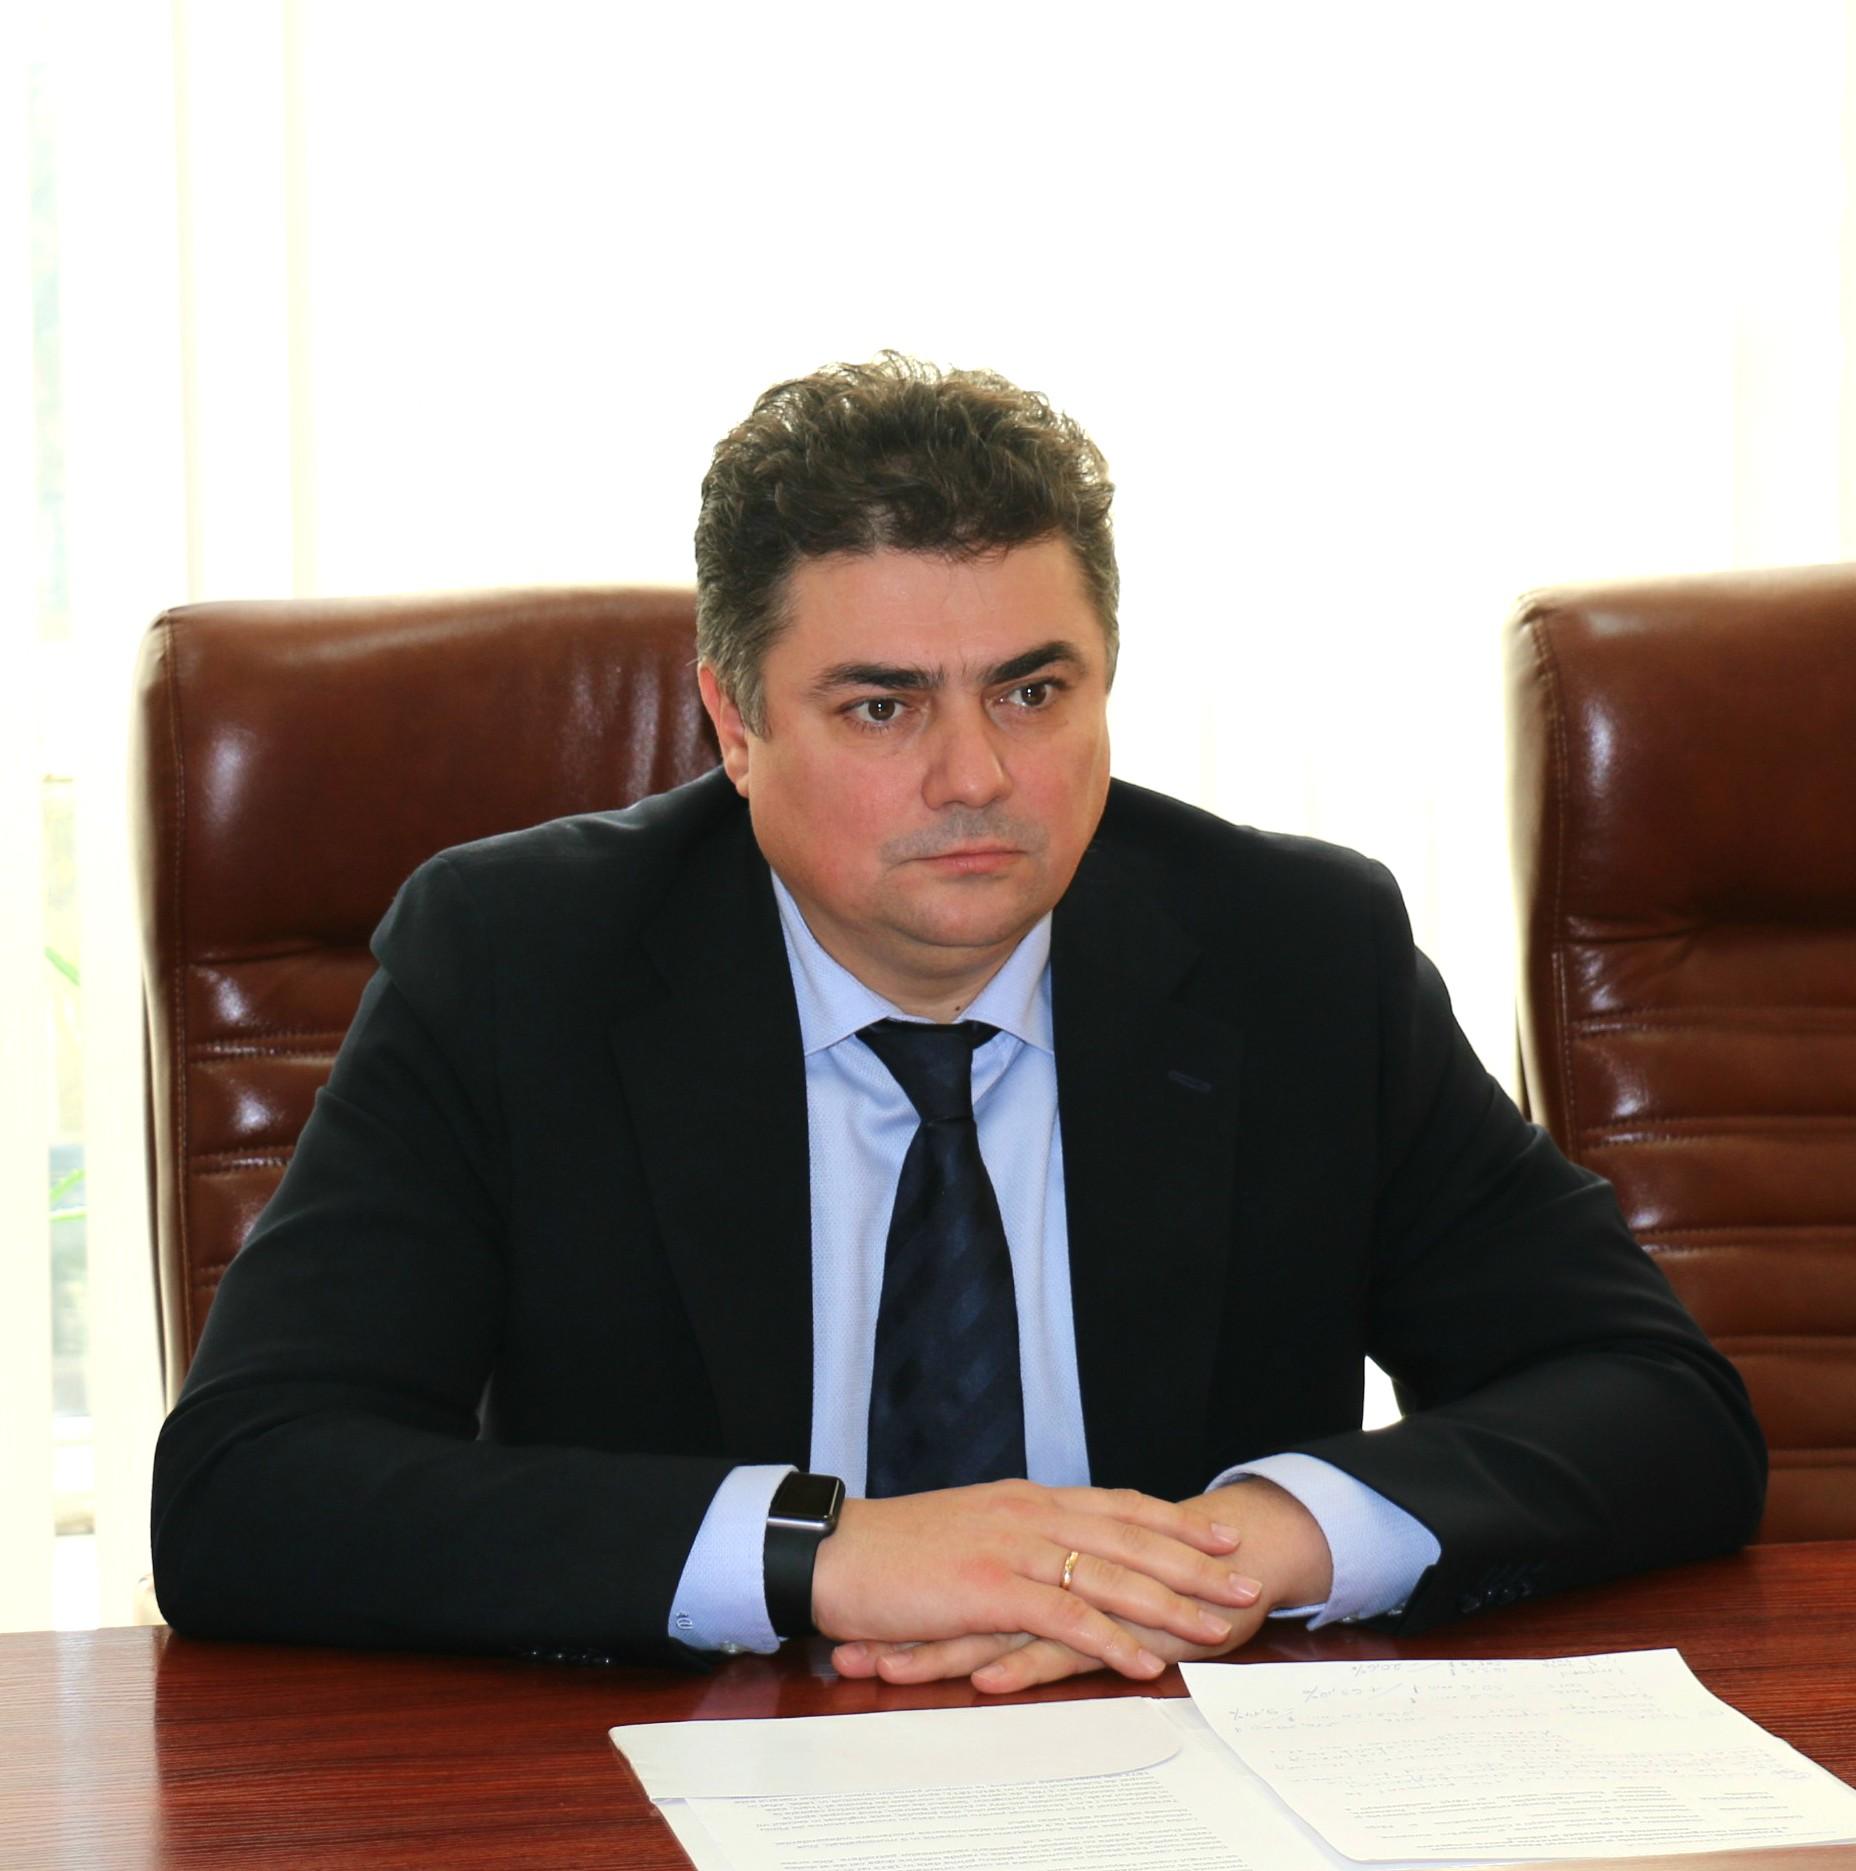 Ministerul Economiei are un nou tânăr specialist (foto ...  |Ministerul Economiei